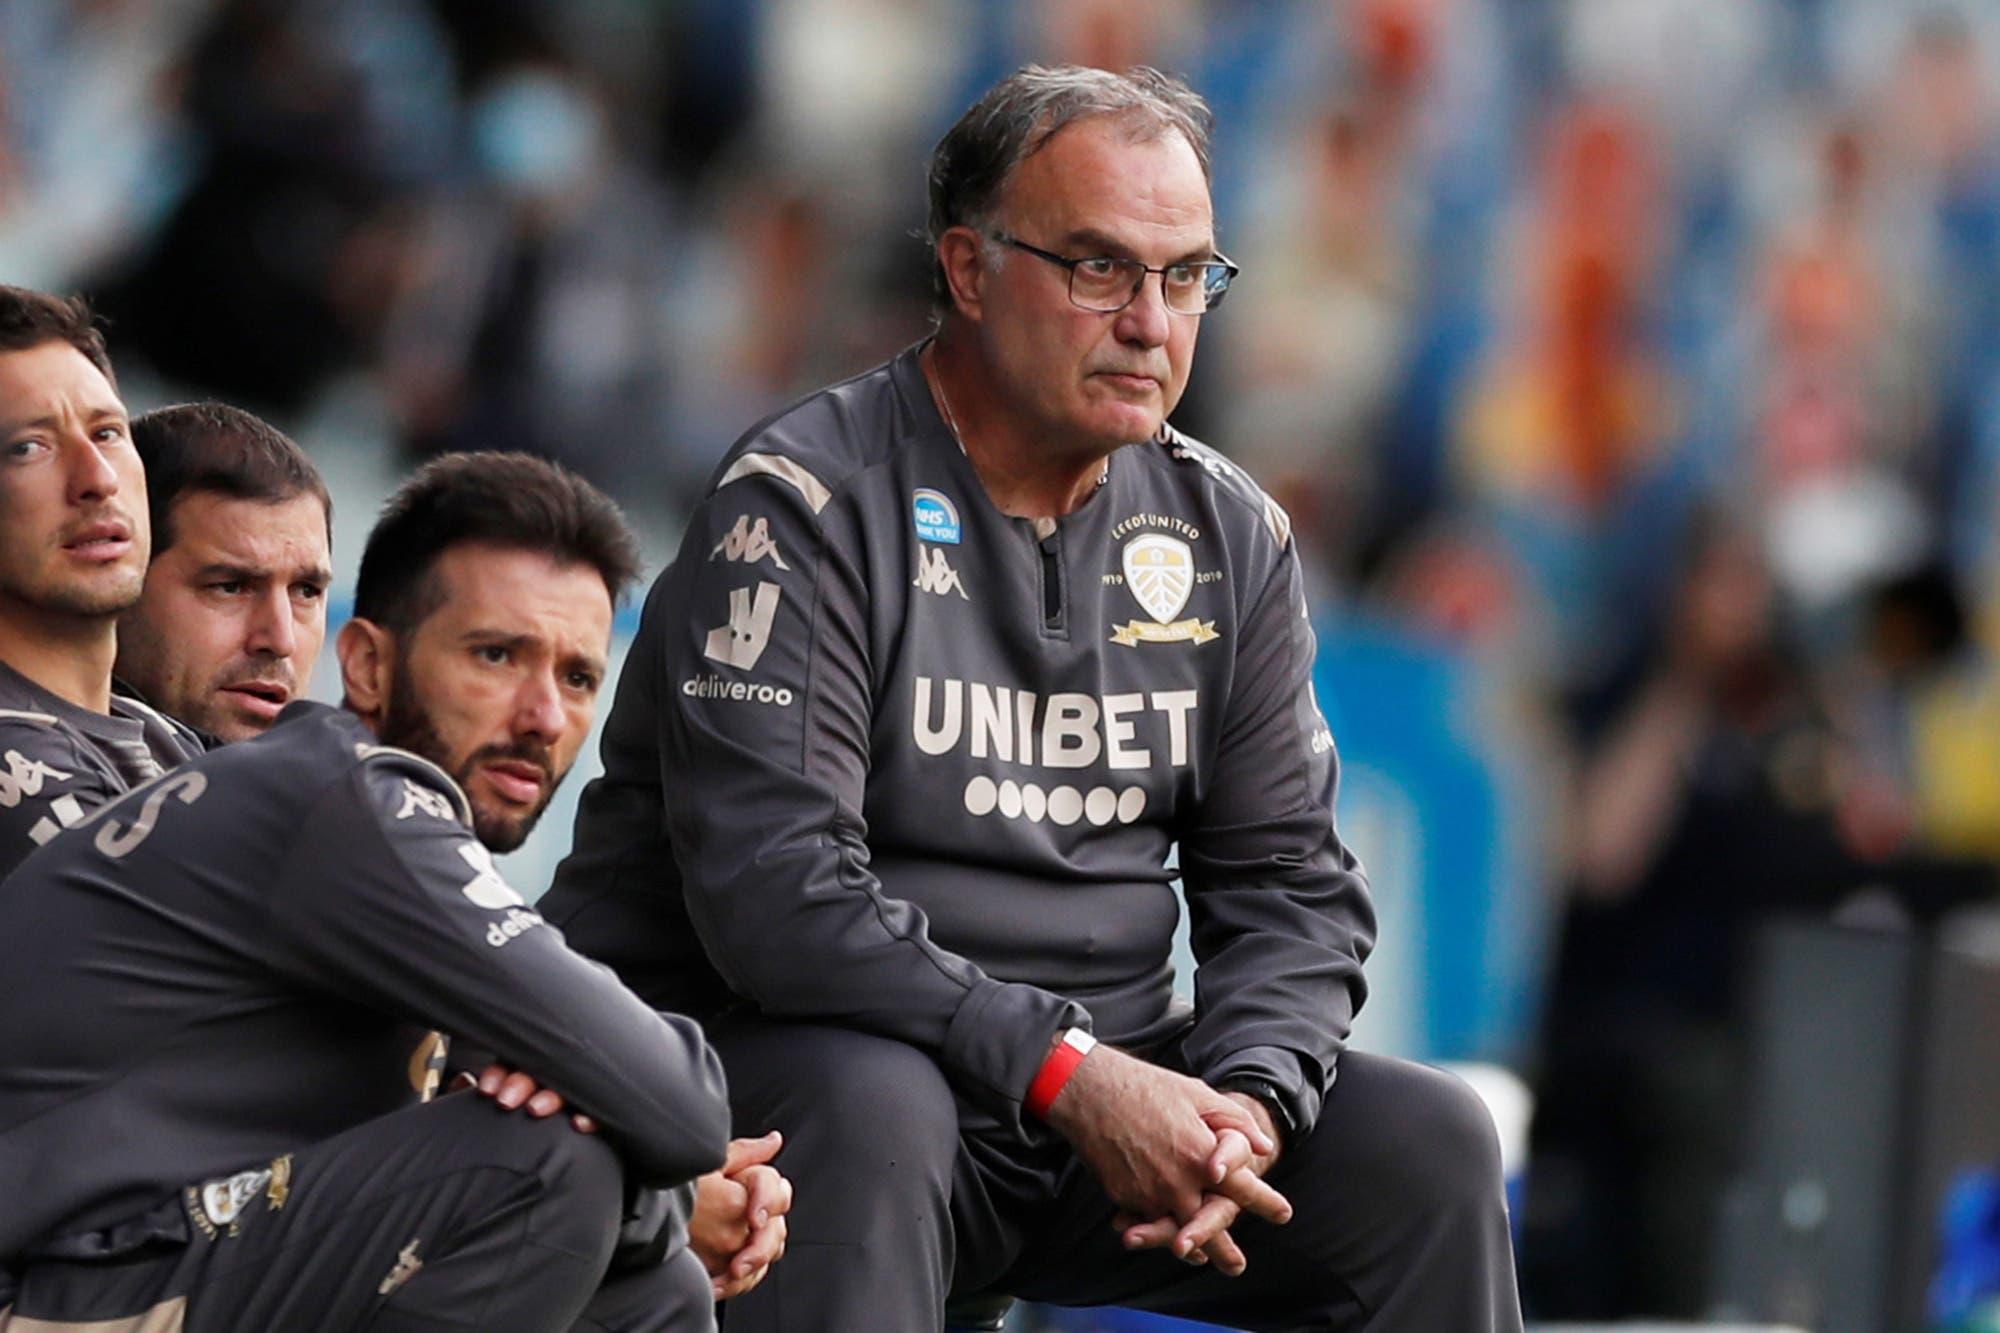 Liverpool-Leeds, por la Premier League: cuándo debuta el equipo de Marcelo Bielsa frente al último campeón